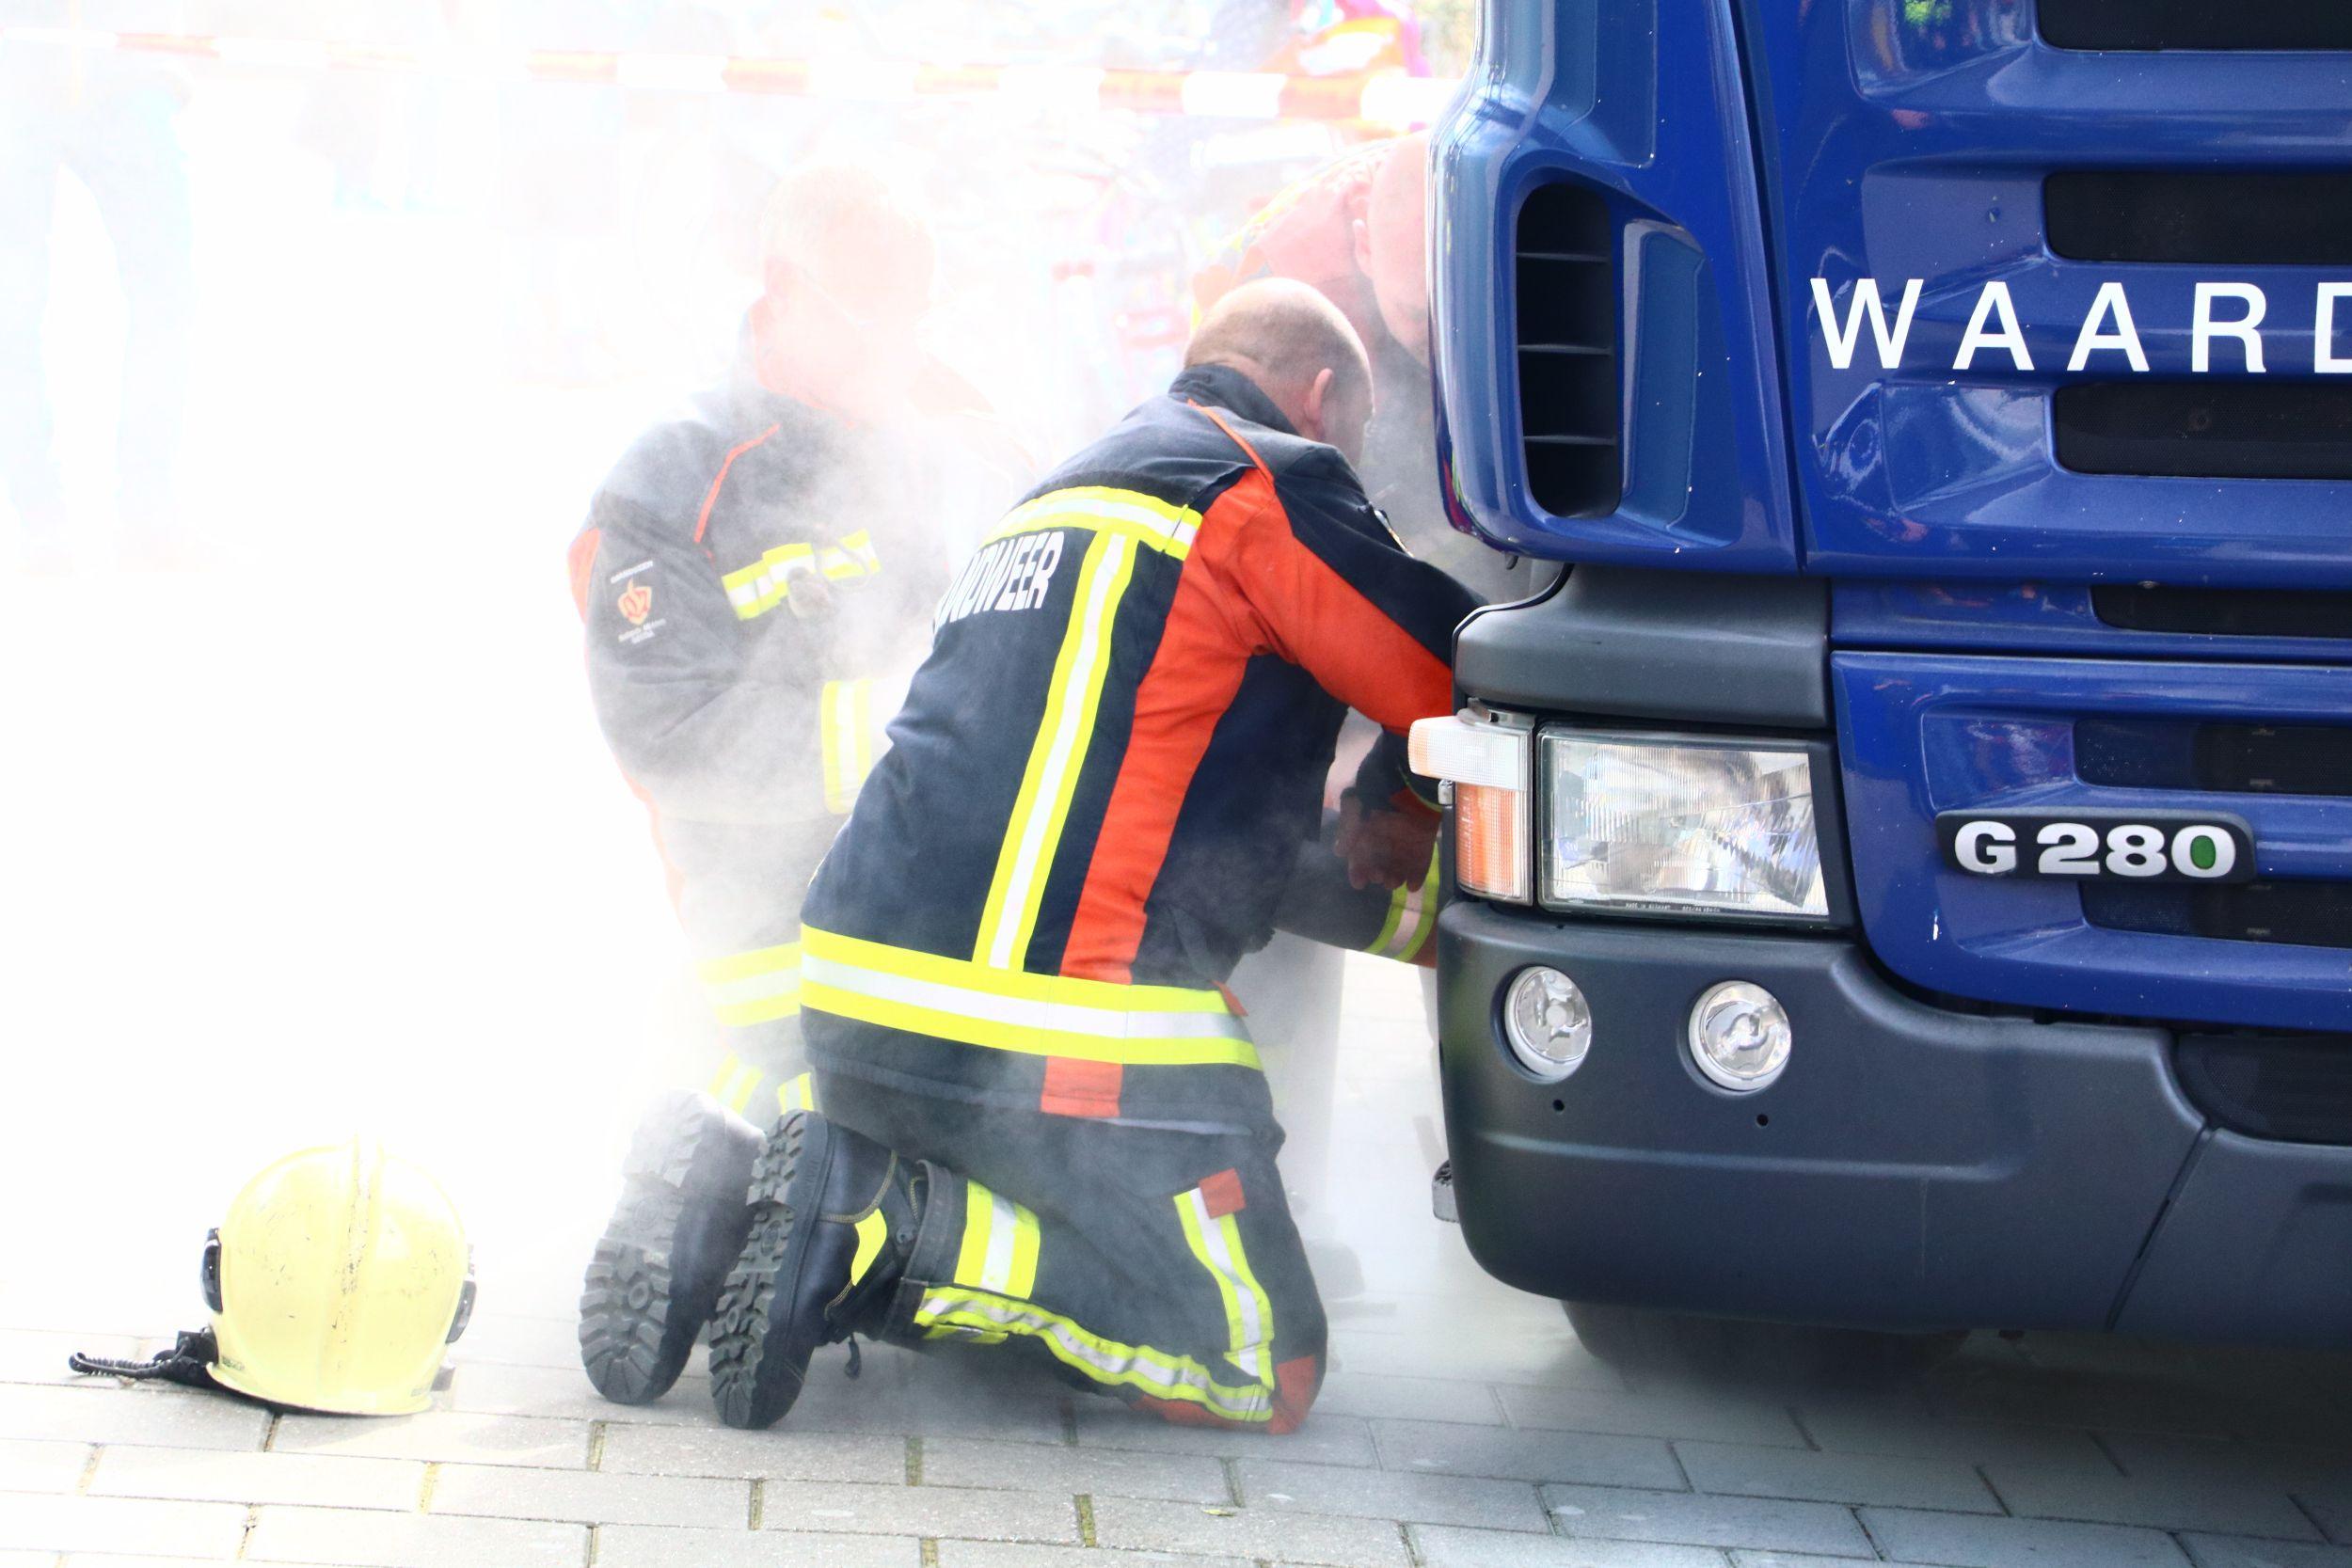 Vastgelopen remmen bij vrachtwagen waardetransport Gildenburg Gouda